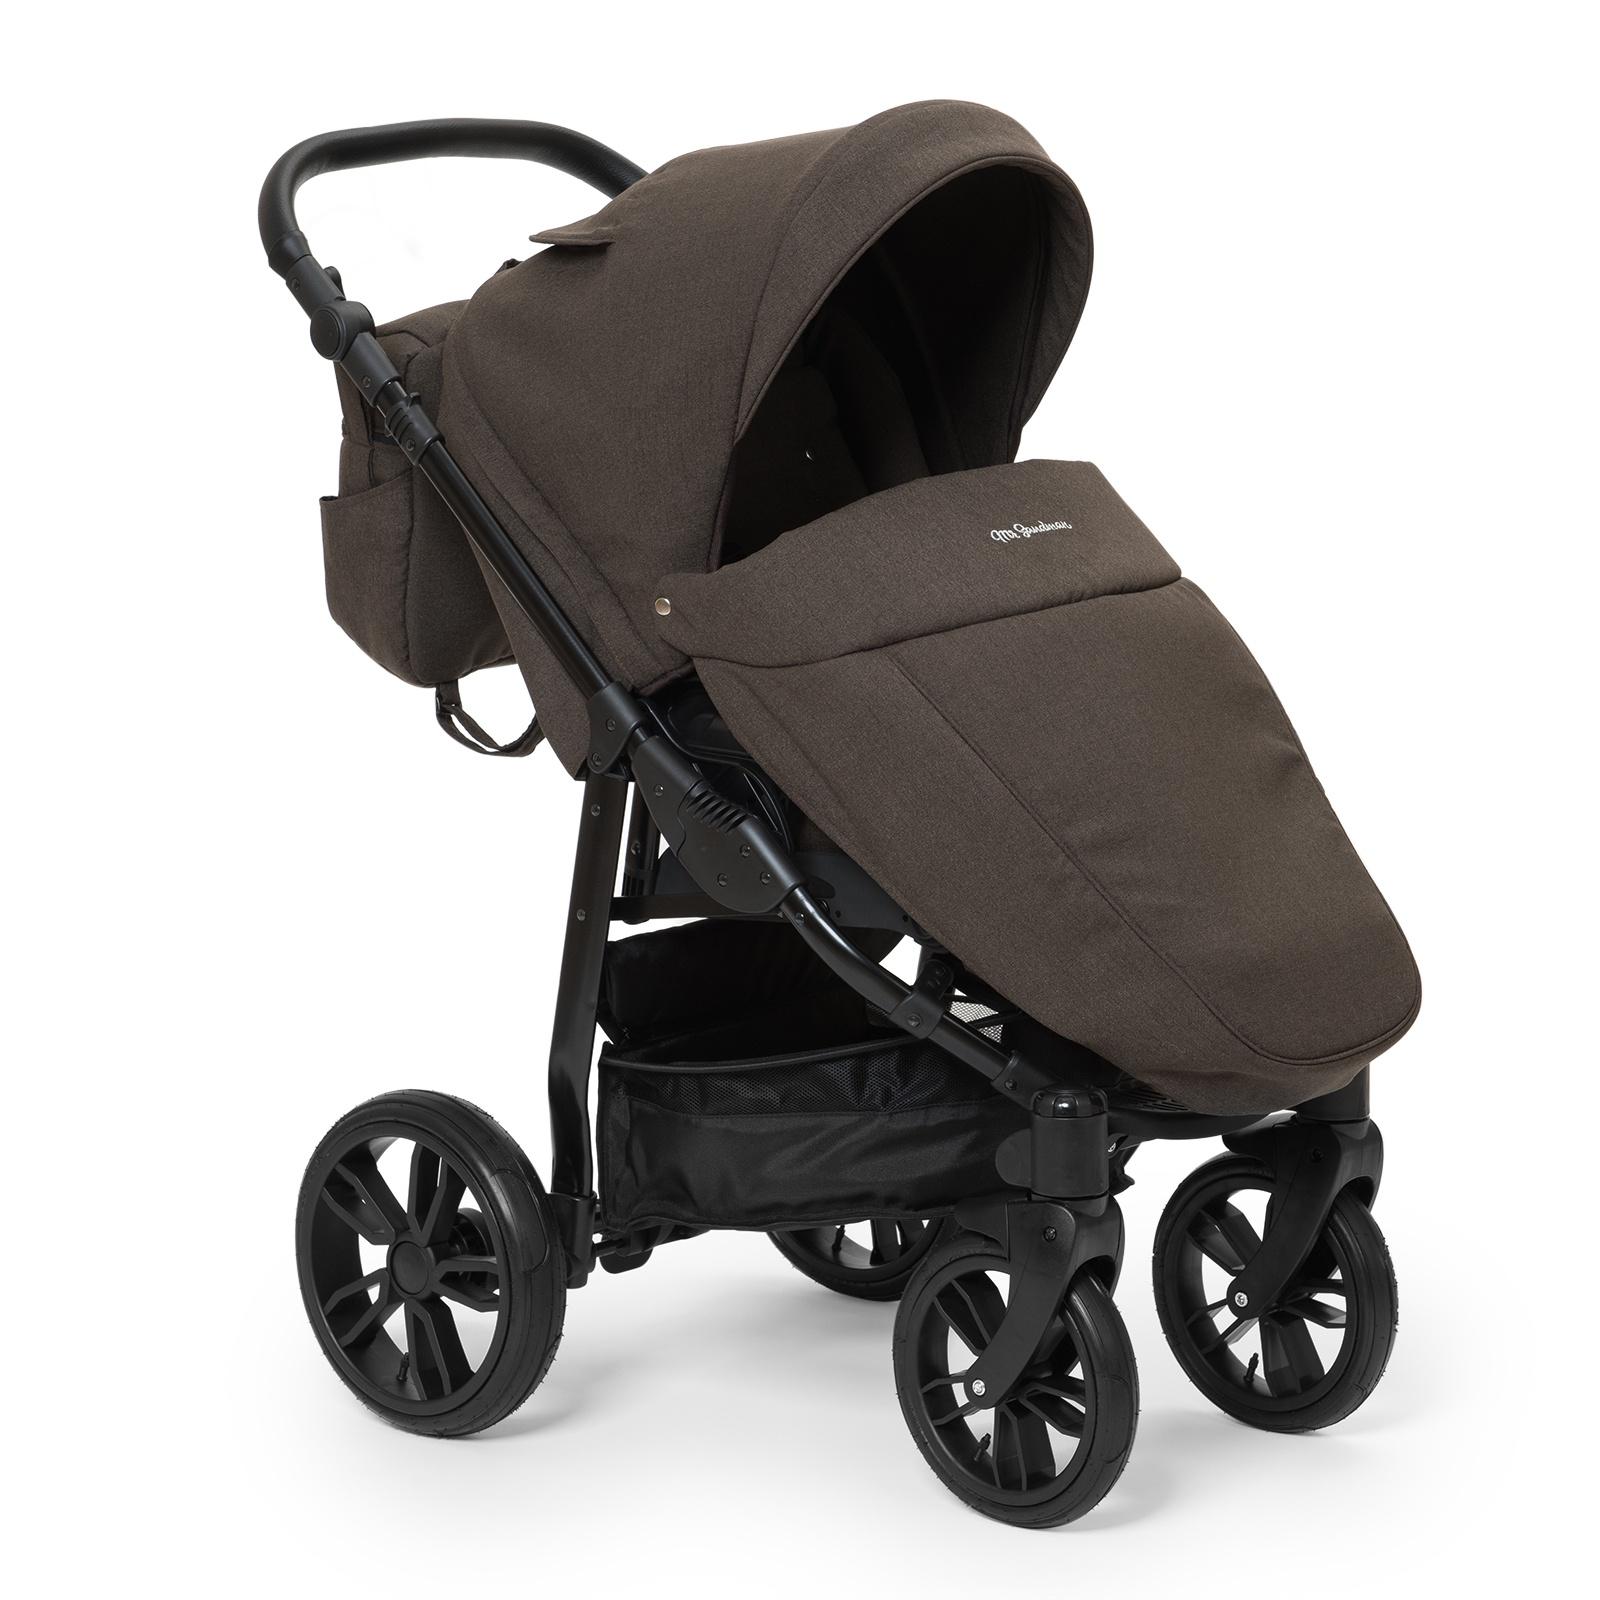 Коляска прогулочная Mr Sandman Vortex, цвет: коричневый коляска mr sandman guardian 2 в 1 графит серый kmsg 043601